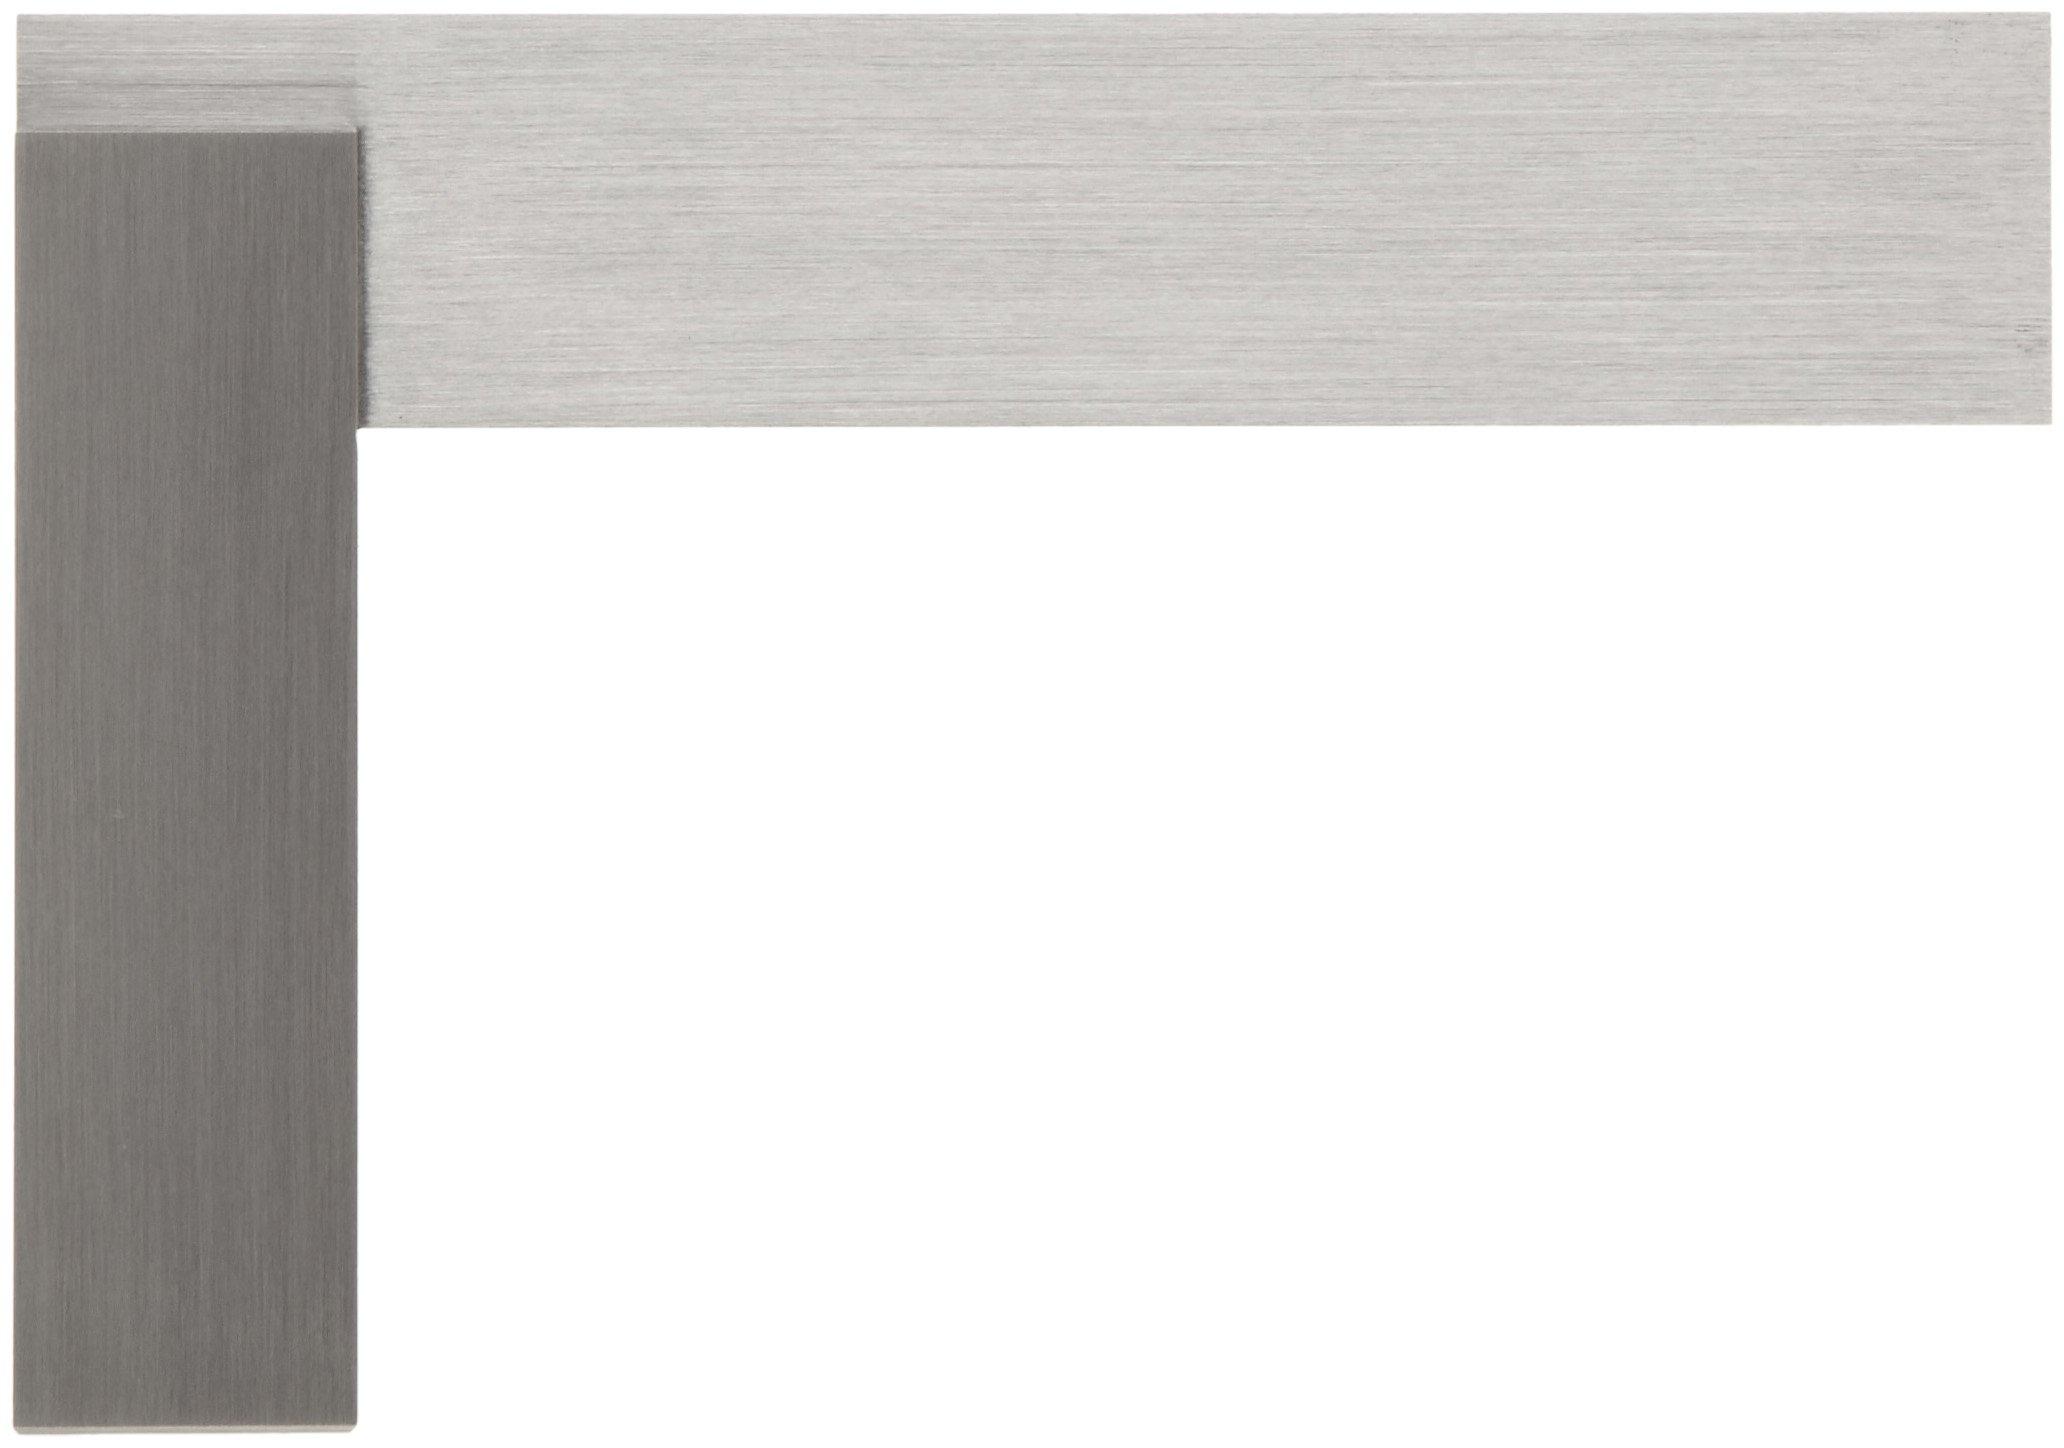 Starrett 20-4-1/2 Hardened Steel Master Precision Square, 3 -1/2'' Beam Length, 4-1/2'' Blade Length